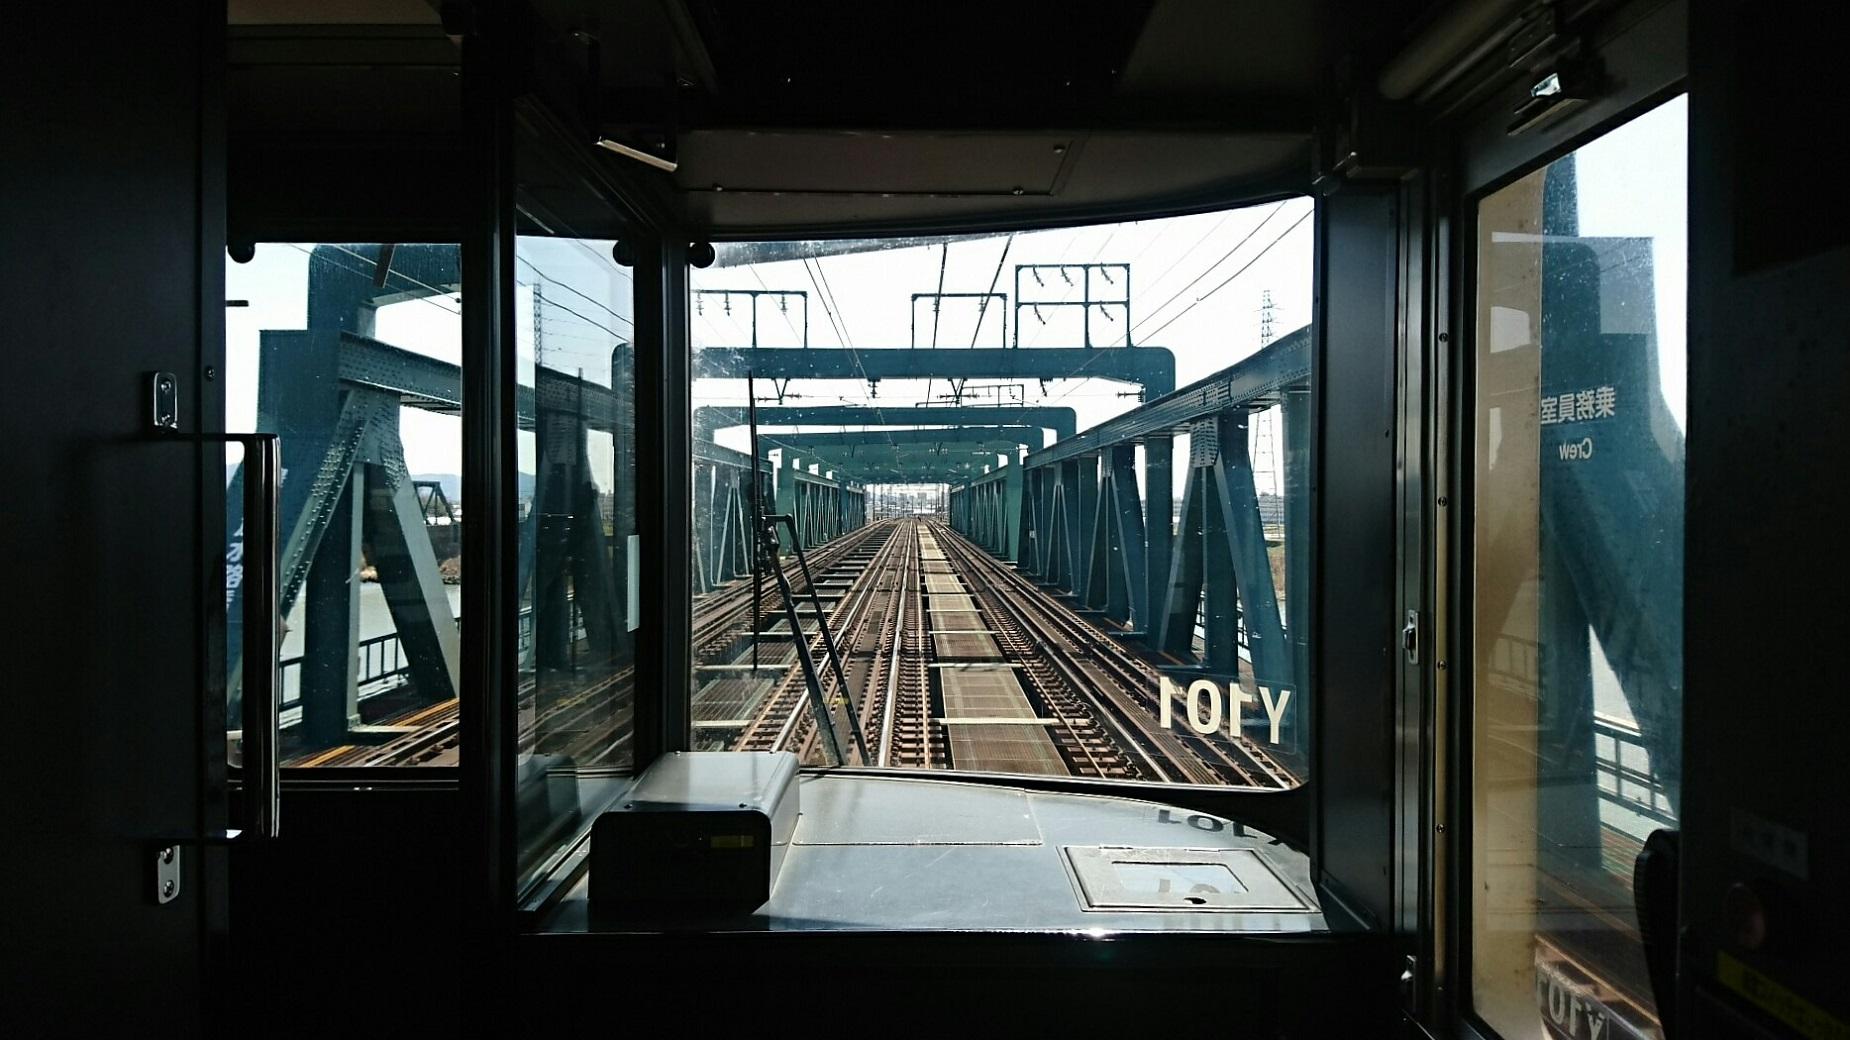 2018.3.23 東海道線 (24) 豊橋いき快速 - 豊川放水路 1850-1040